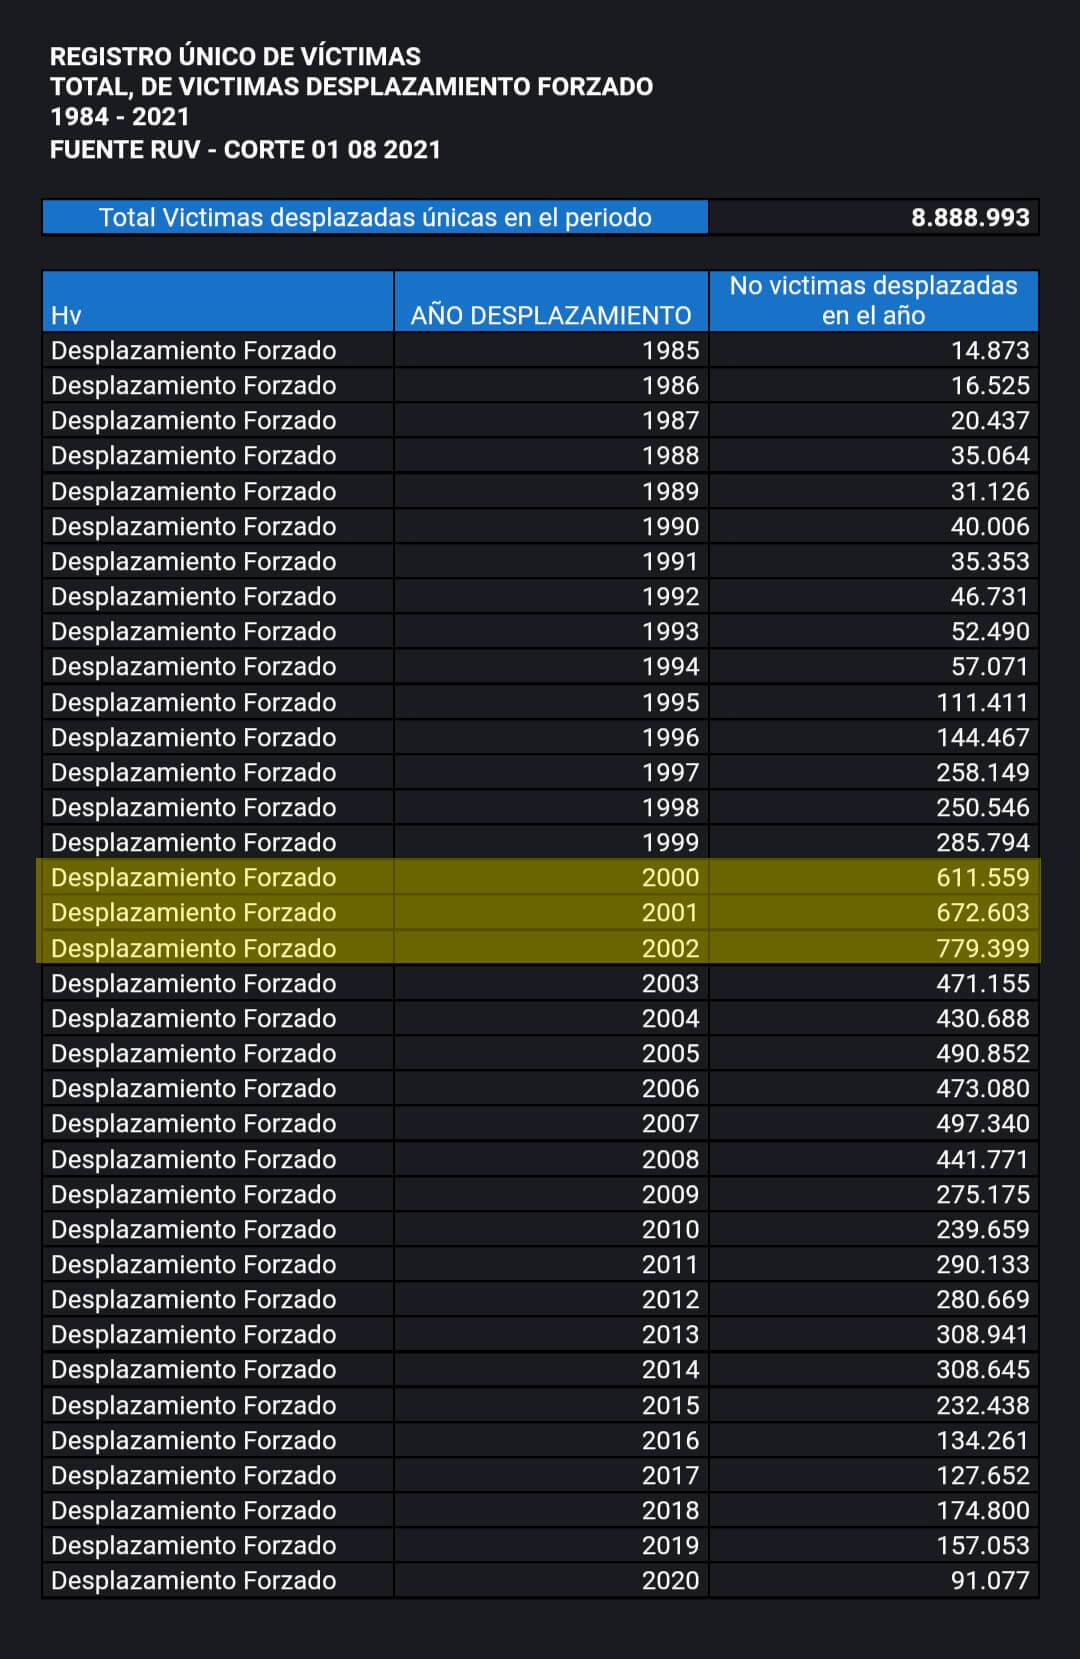 Víctimas de desplazamiento por año según RUV hasta 2020